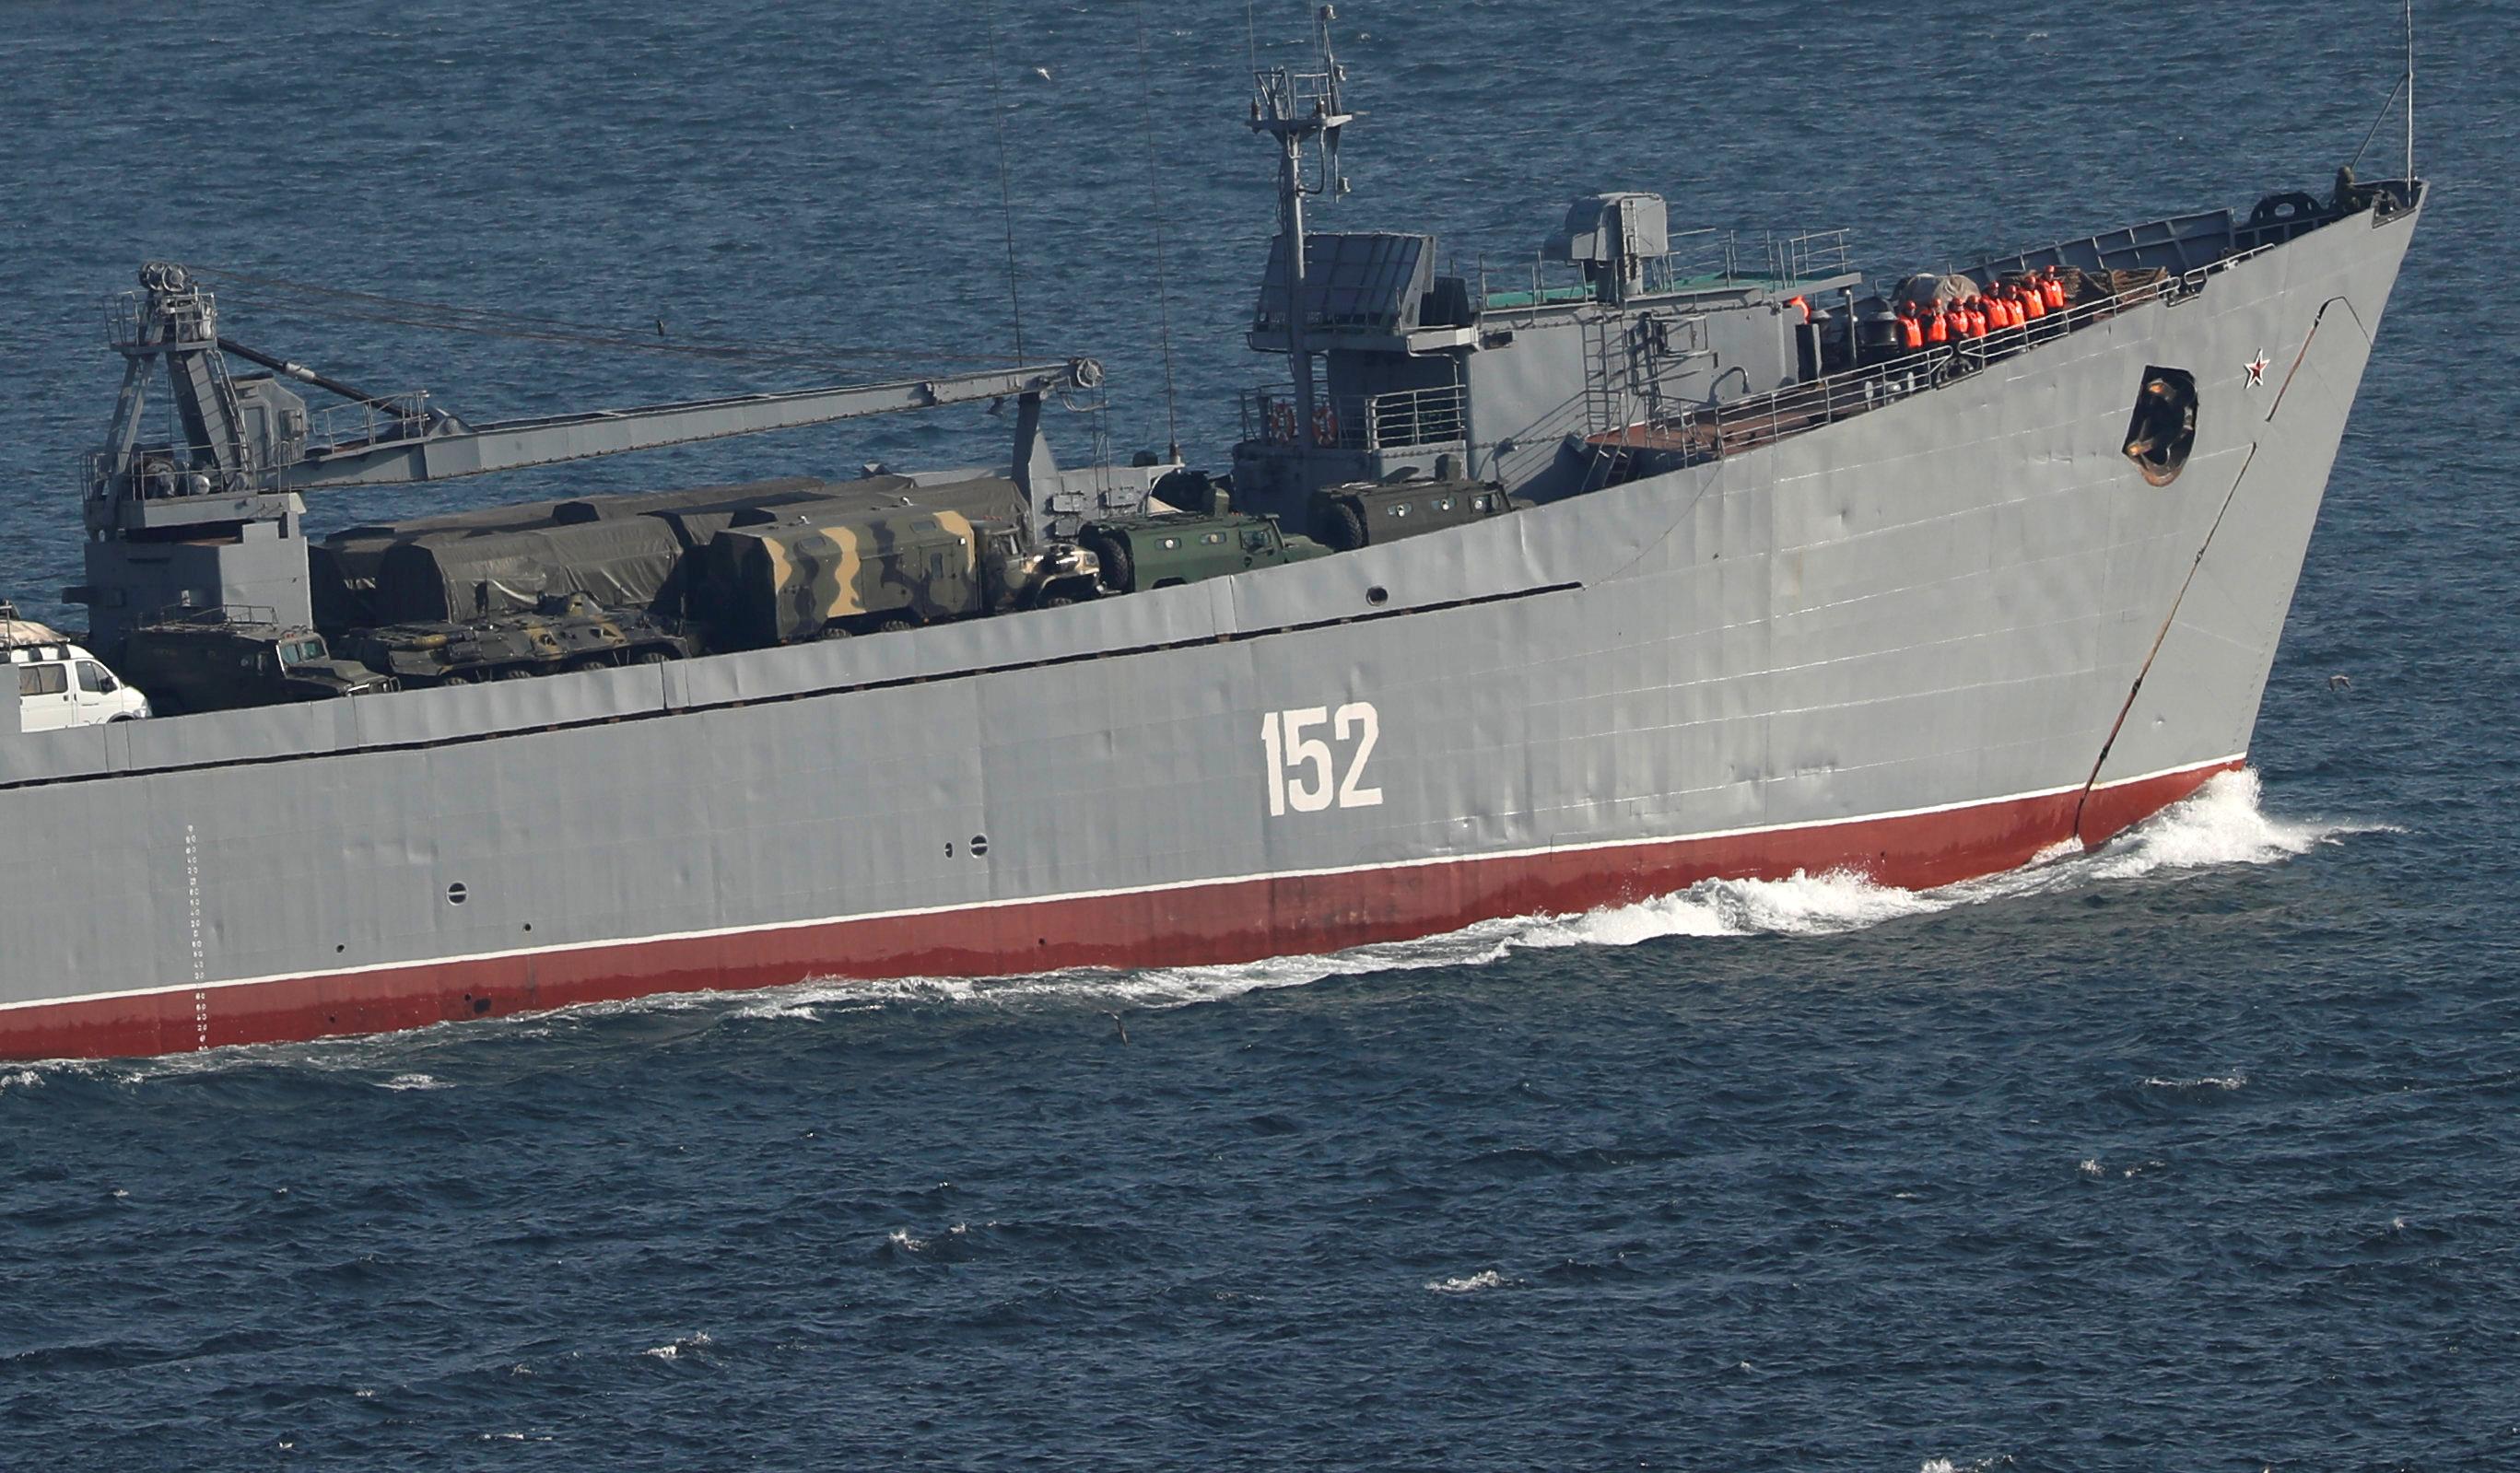 السفينة تحمل رقم 152